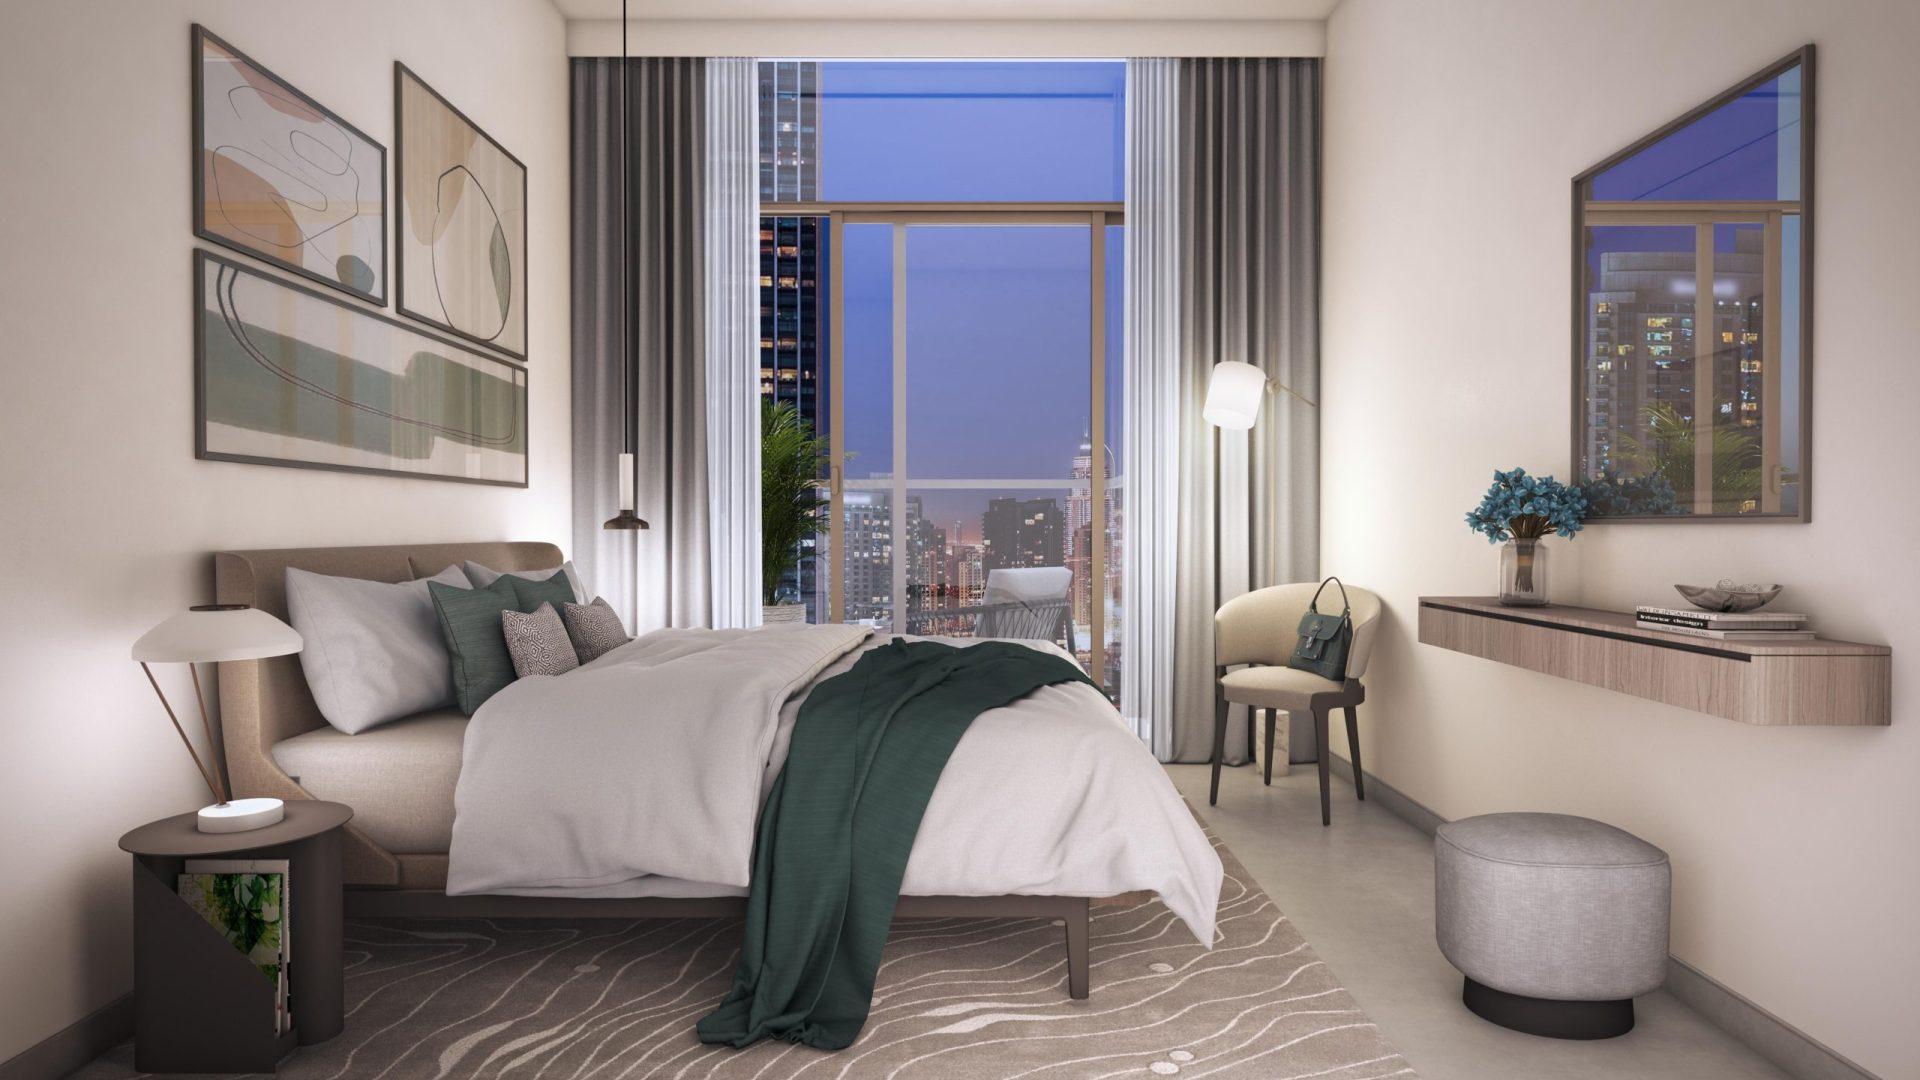 Apartment for sale in Dubai, UAE, 1 bedroom, 59 m2, No. 24269 – photo 4